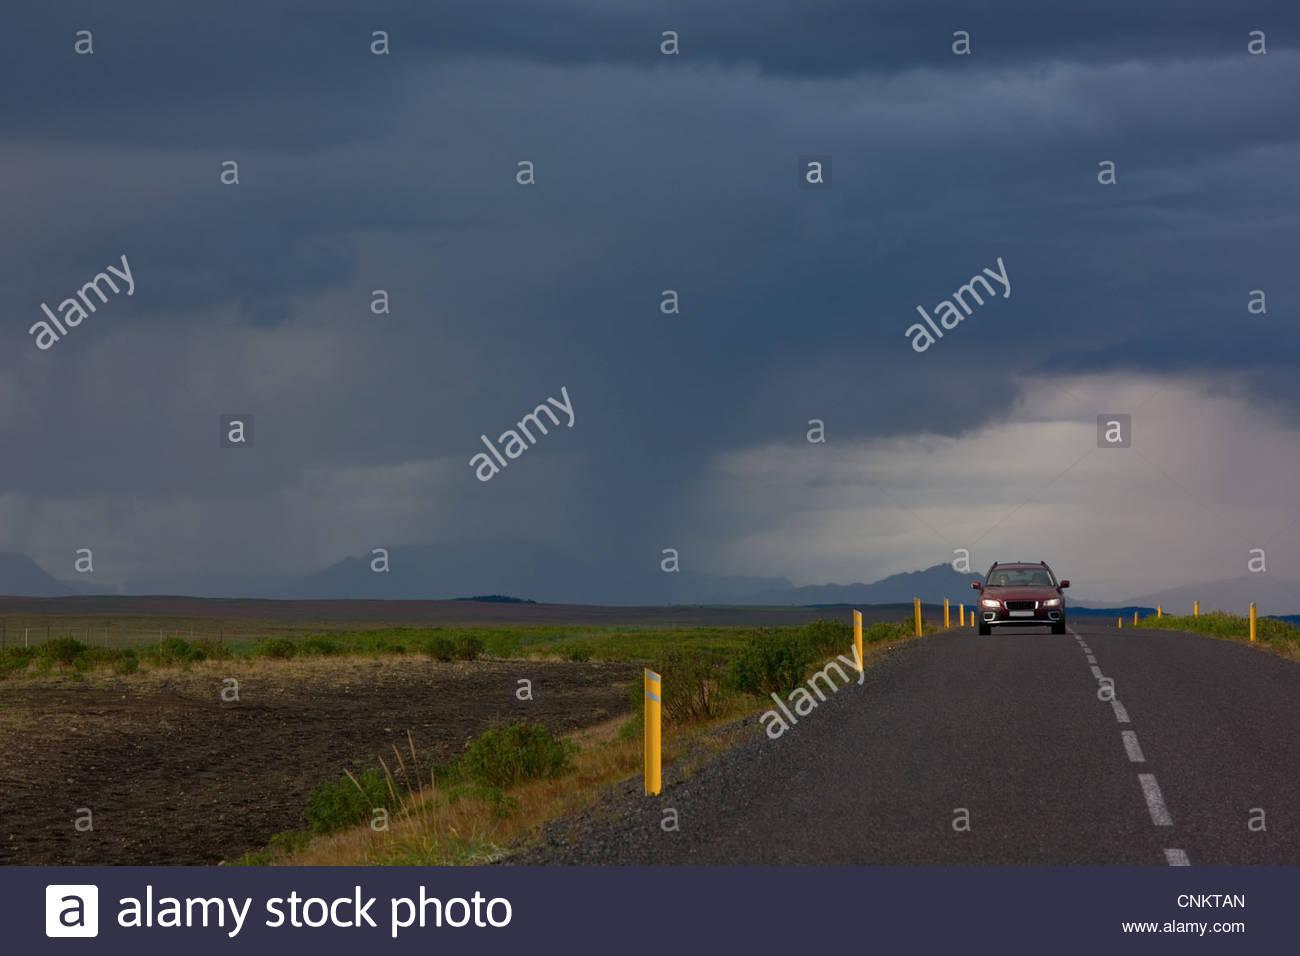 Auto auf der Landstraße unter dramatischen Himmel Stockbild